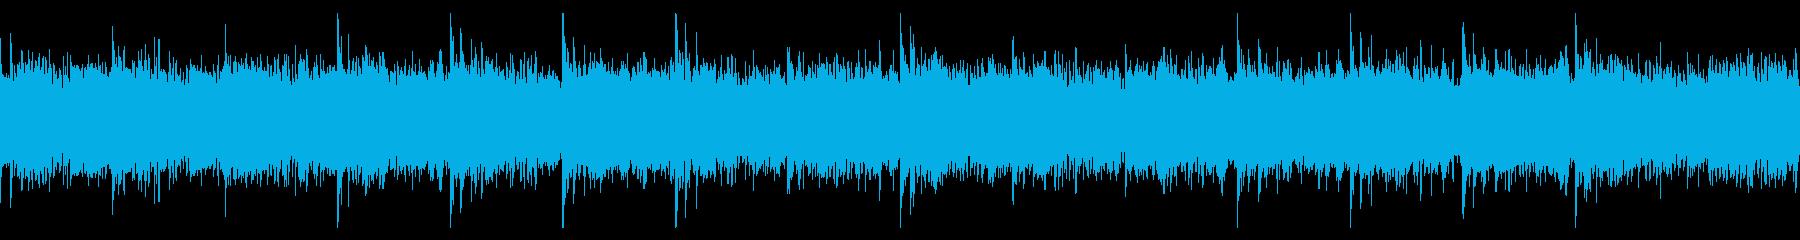 ループ仕様・ニュースや科学番組用の再生済みの波形